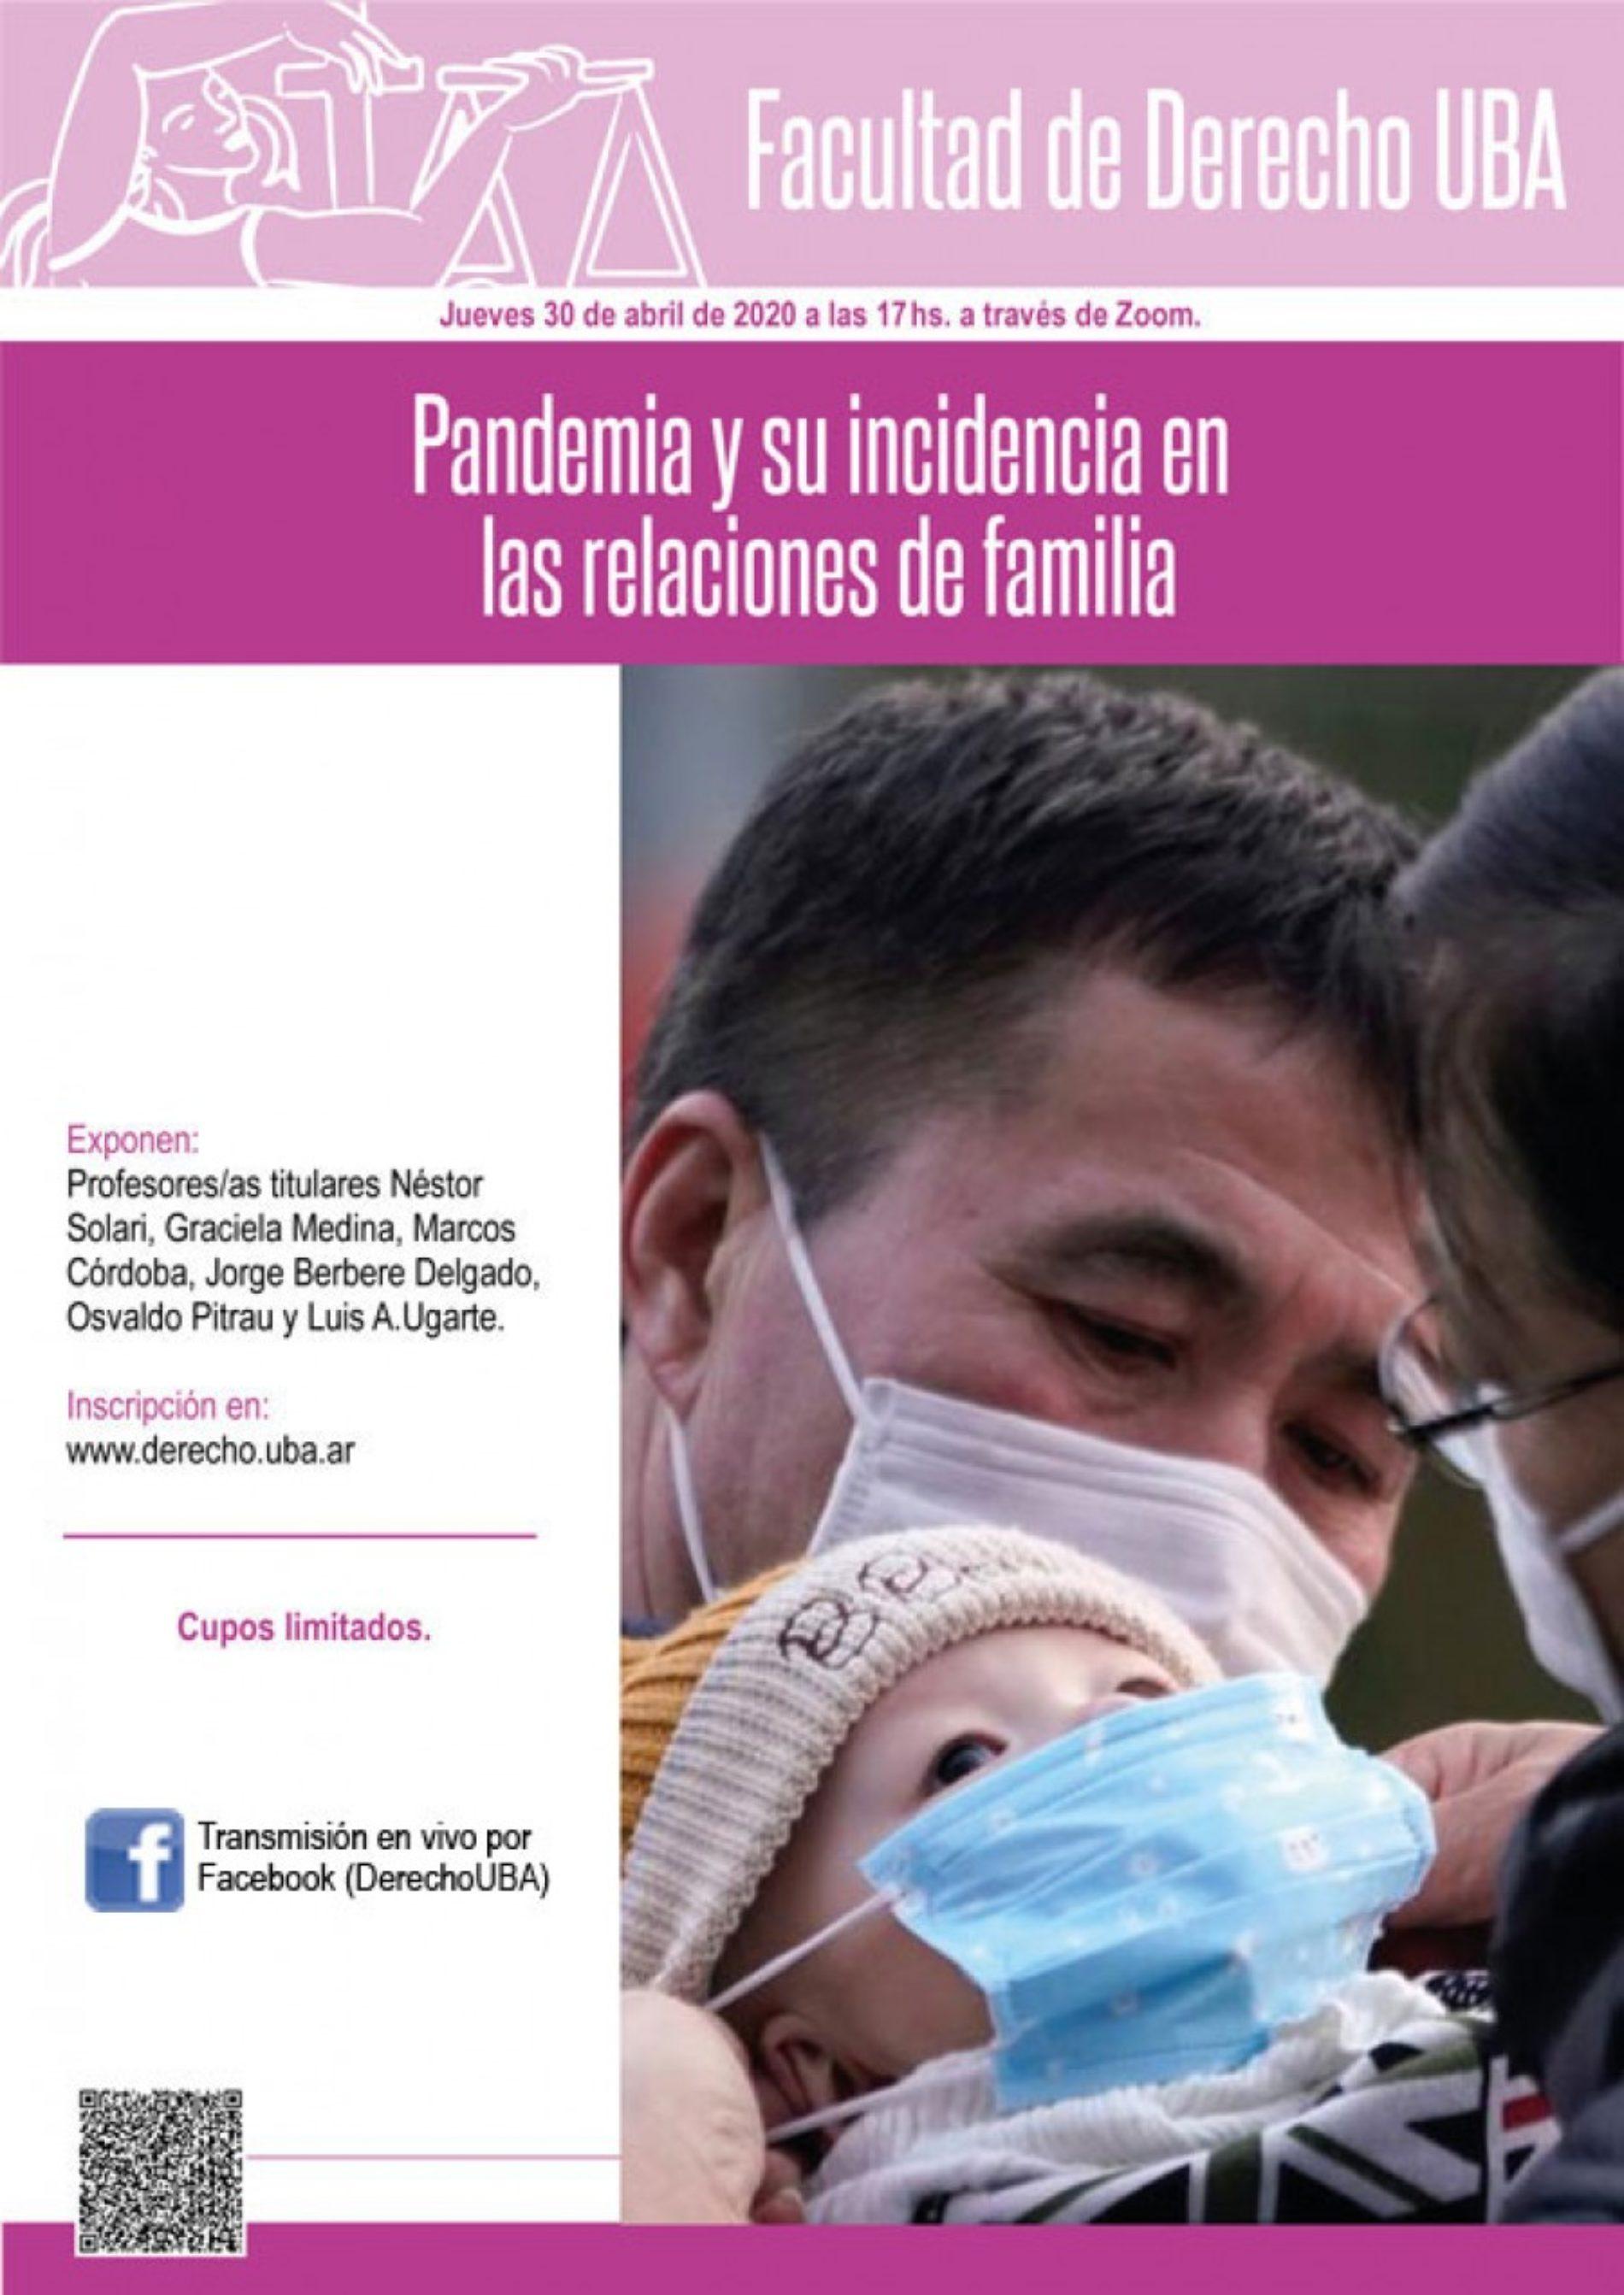 «Pandemia y su incidencia en las relaciones de familia»